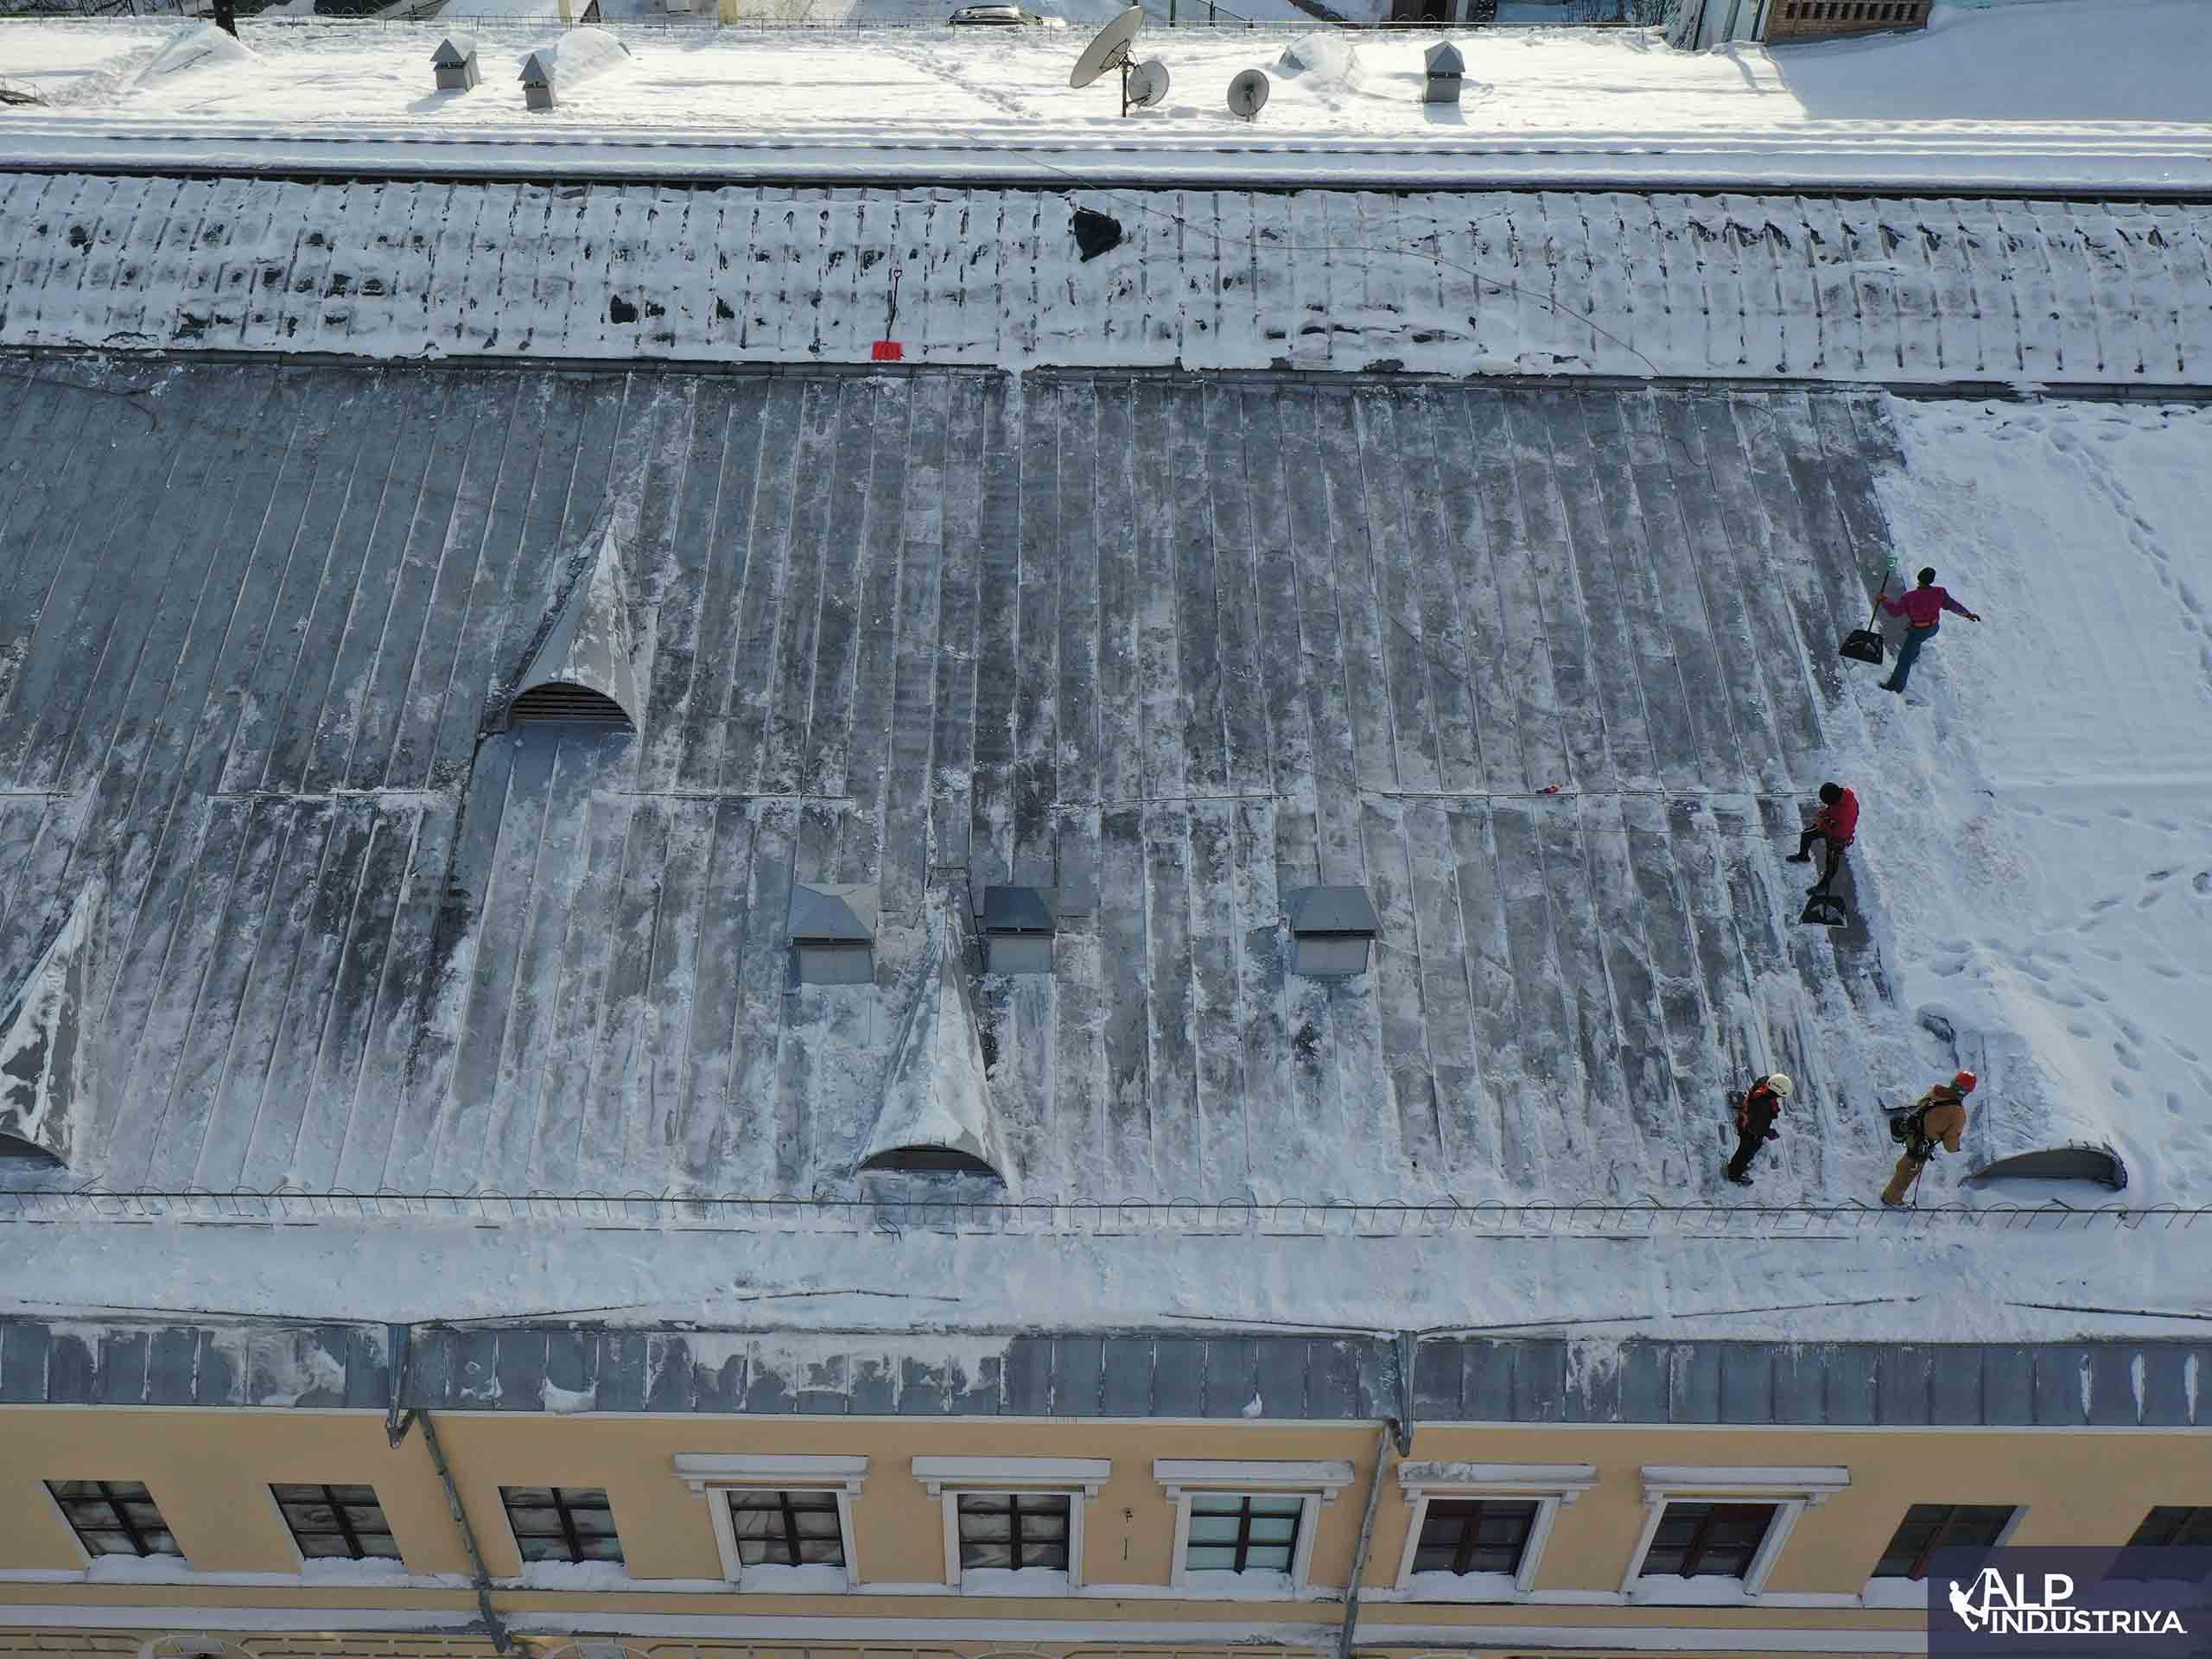 Услуги по удалению снежных осадков с кровли здания-4